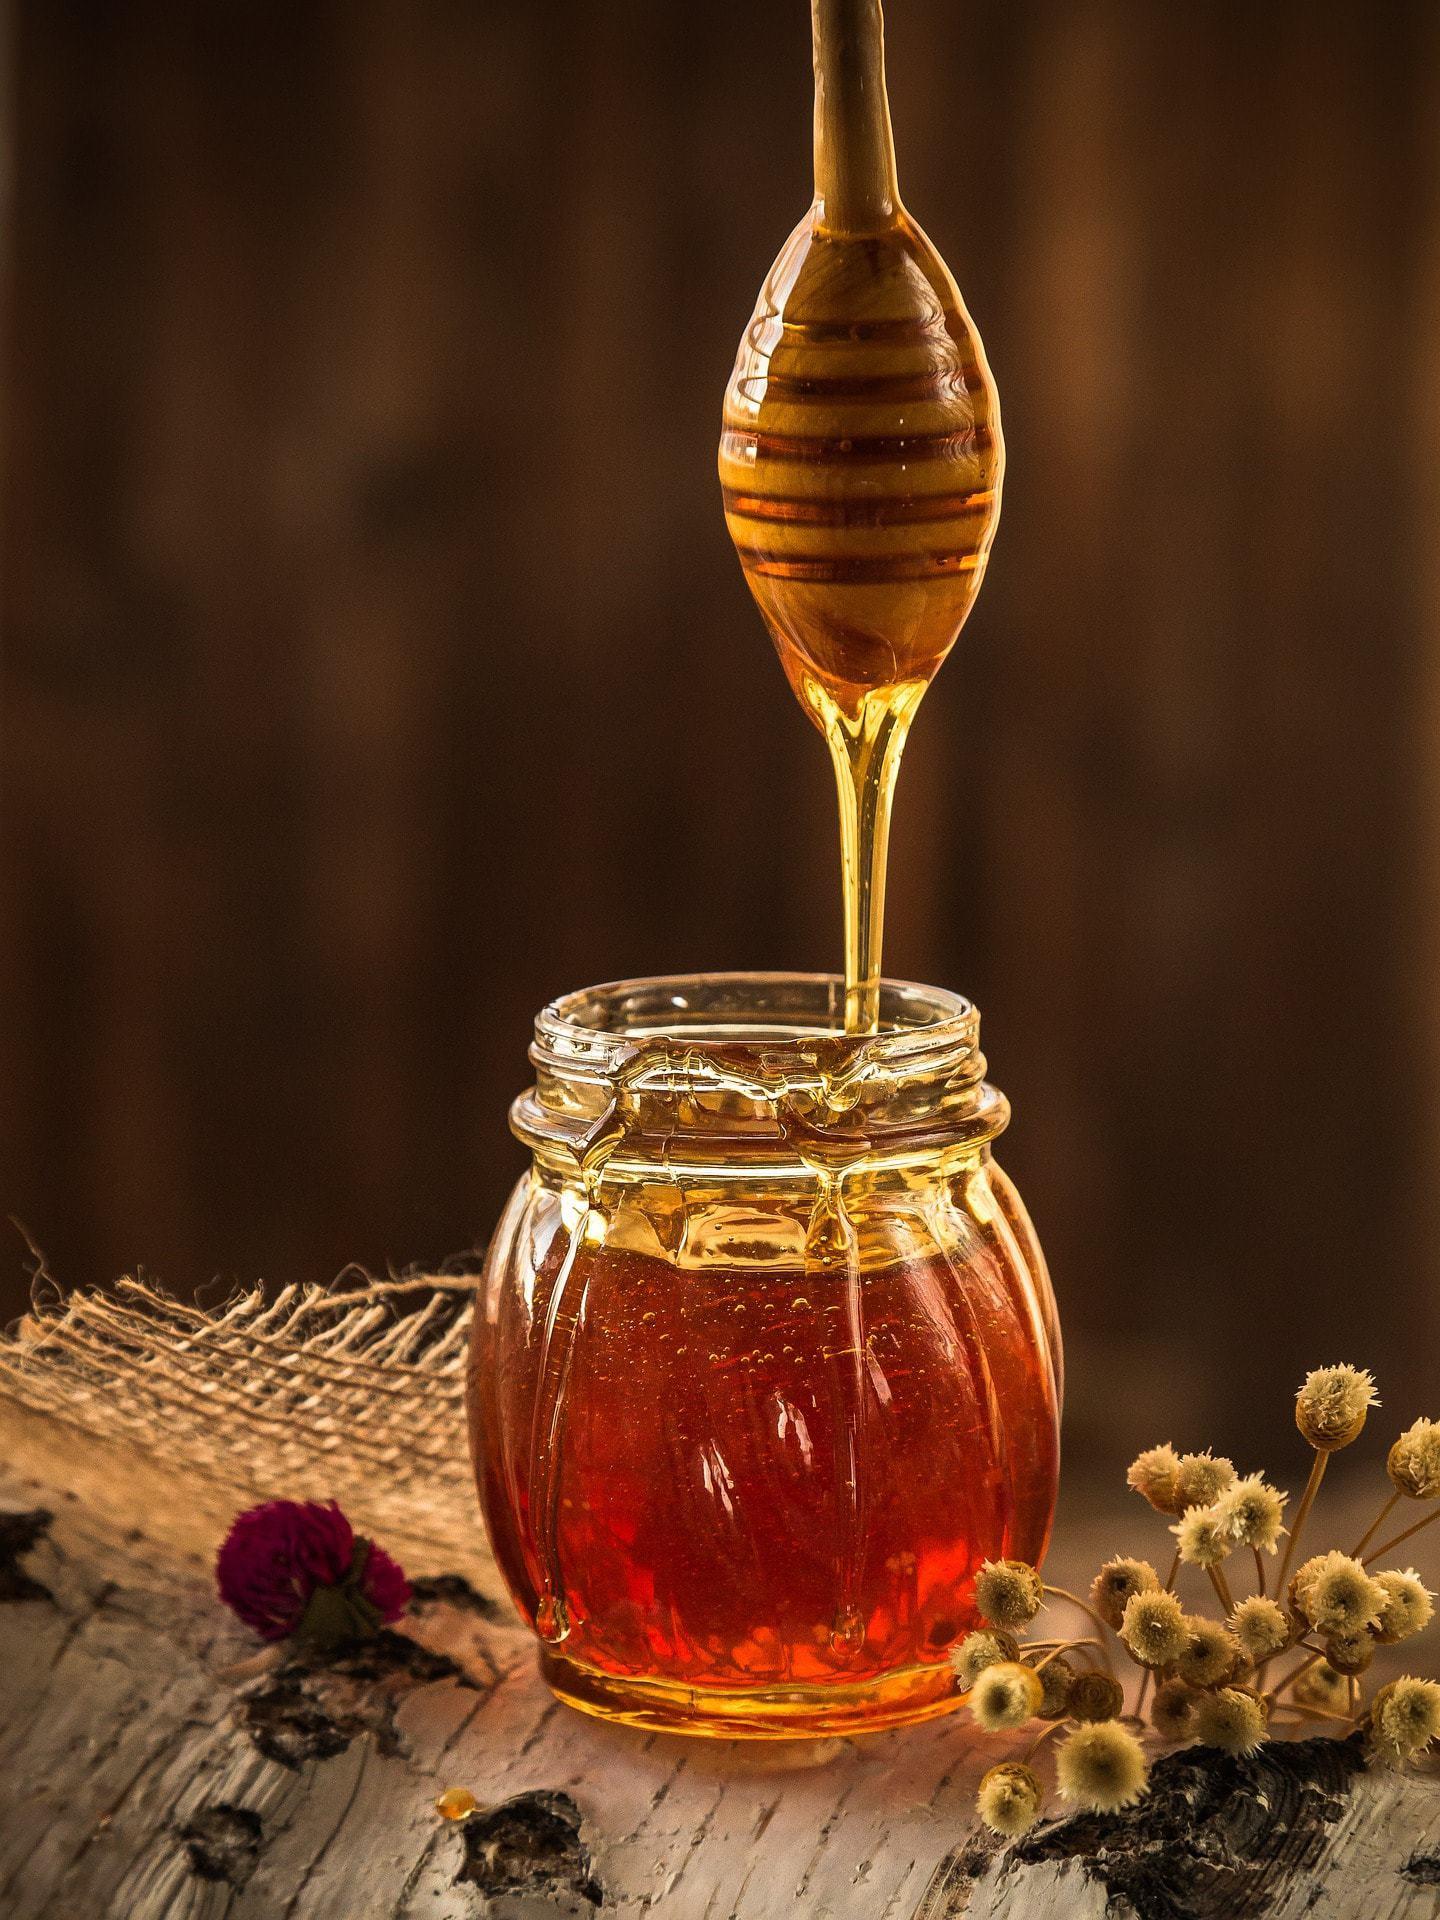 Fotografía culinaria de la miel